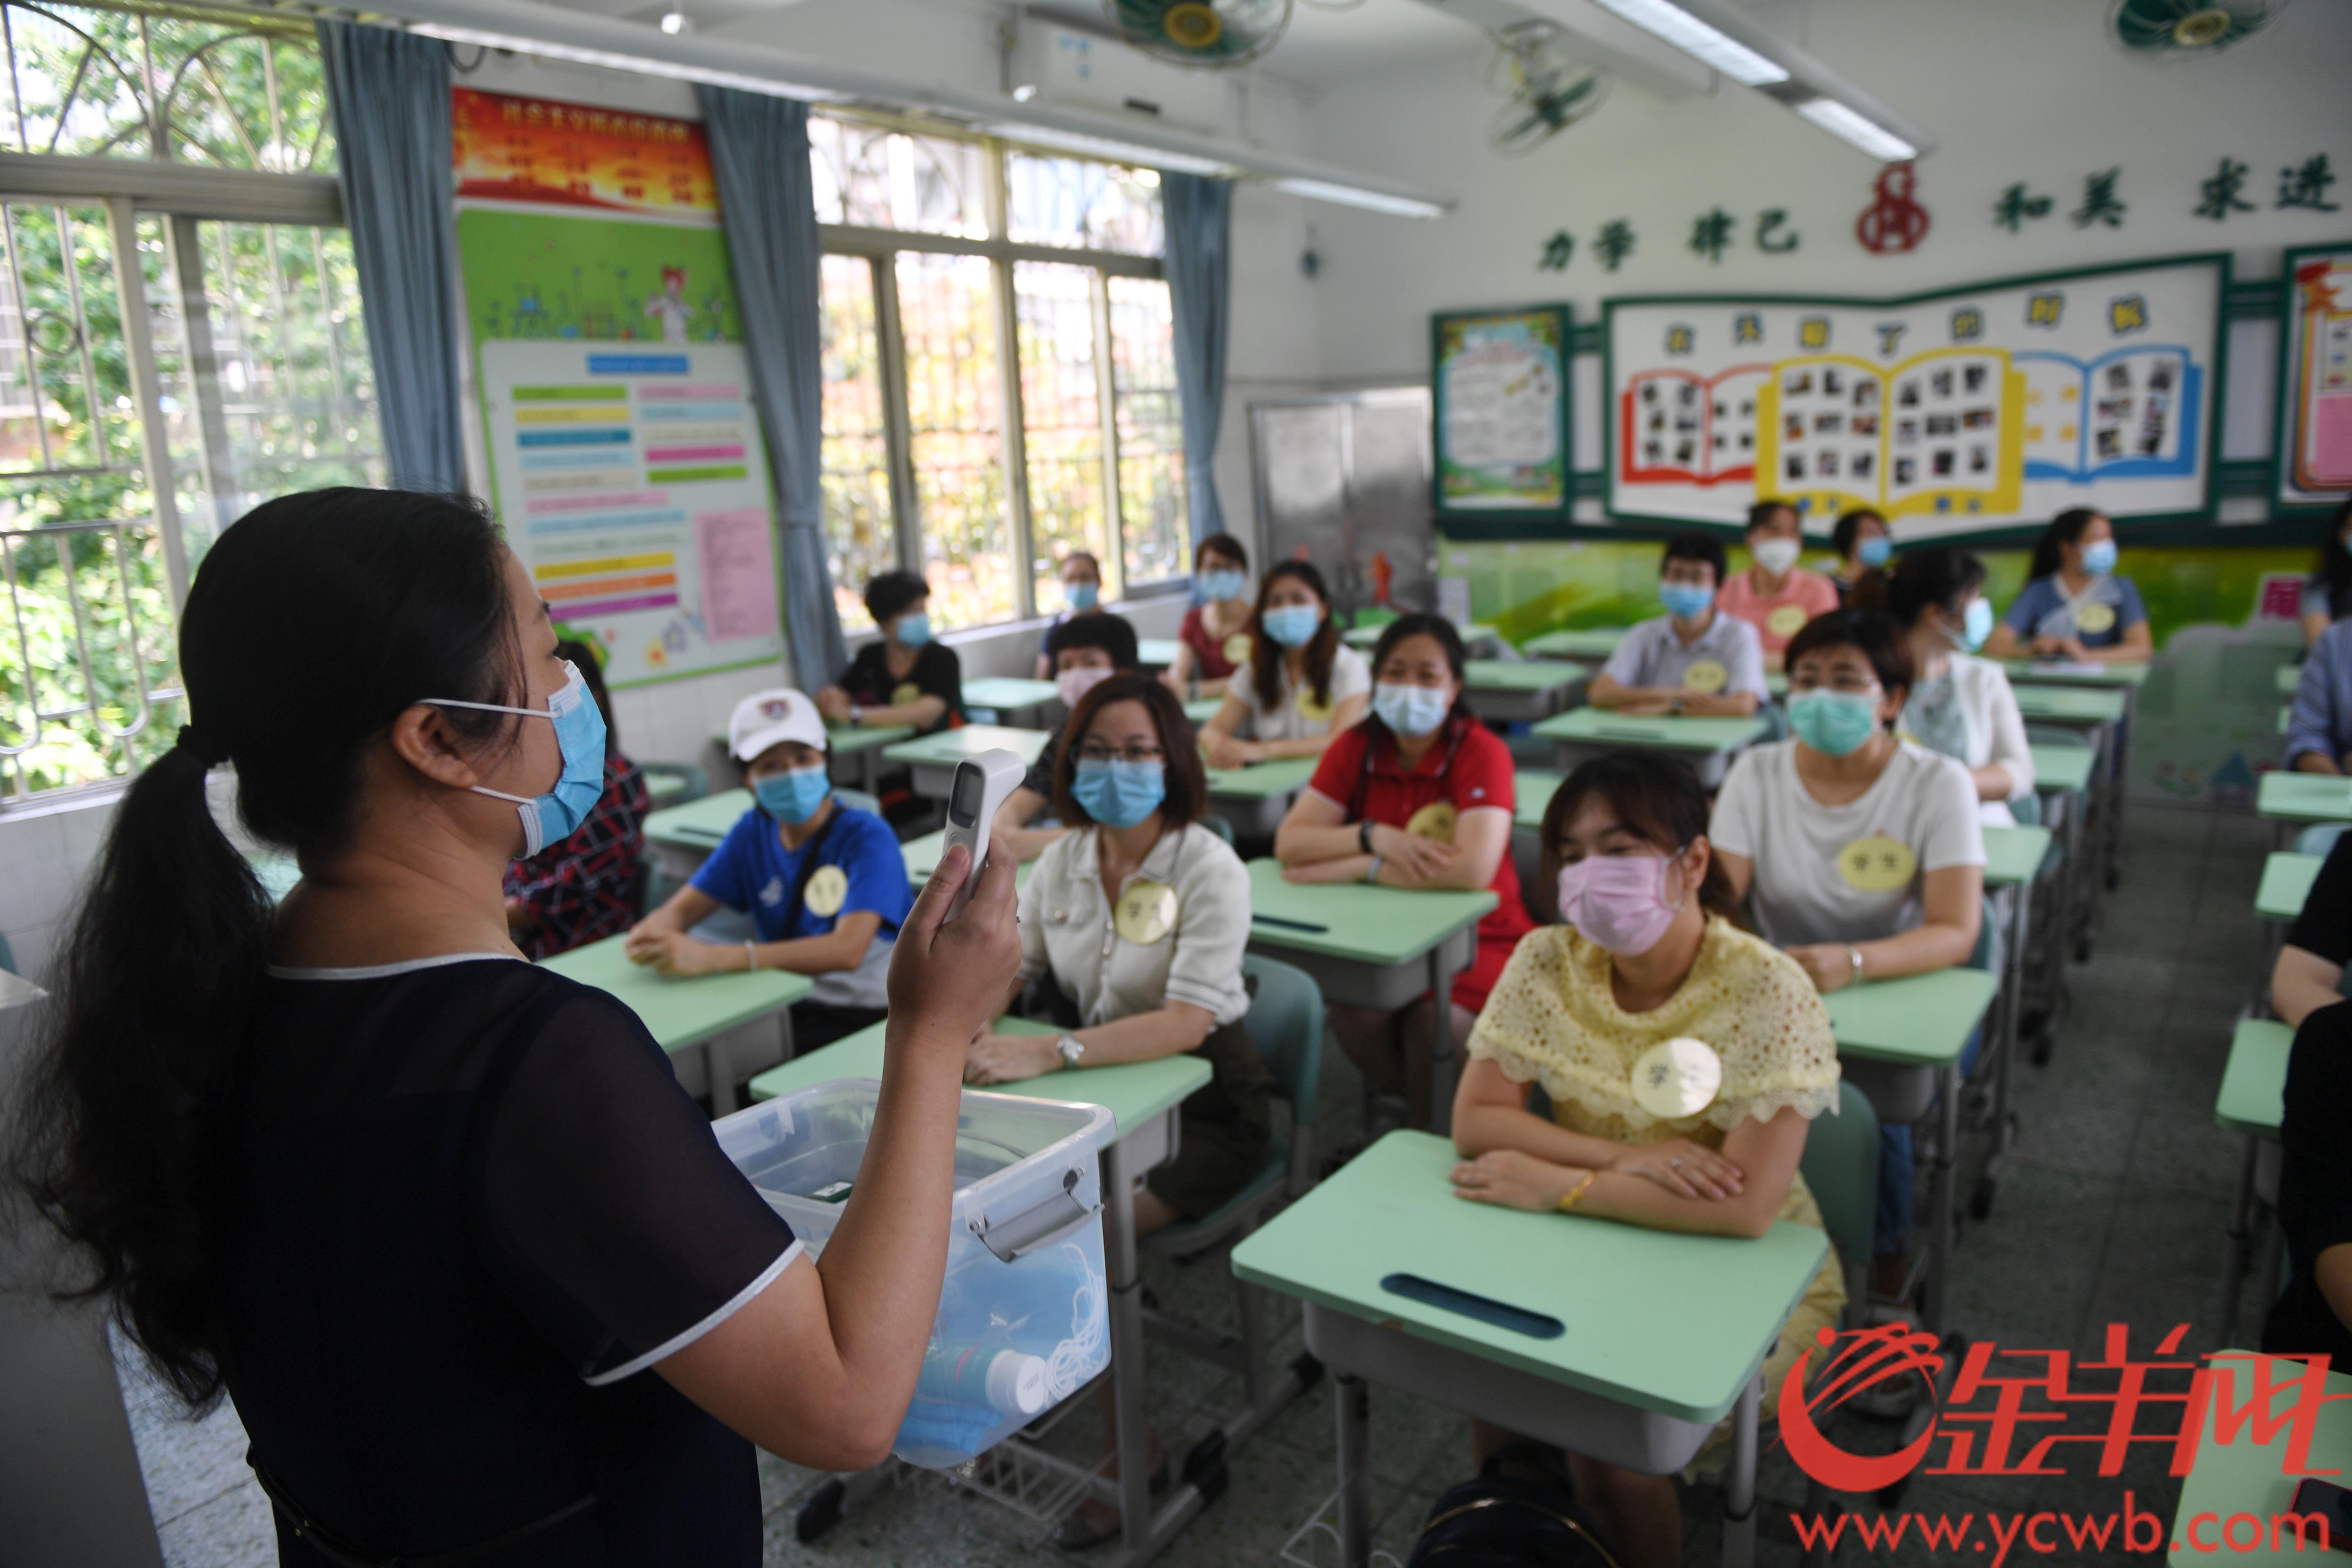 2020年5月16日,广州海珠区实验小学师生返校安全演练。羊城晚报全媒体记者 林桂炎 摄